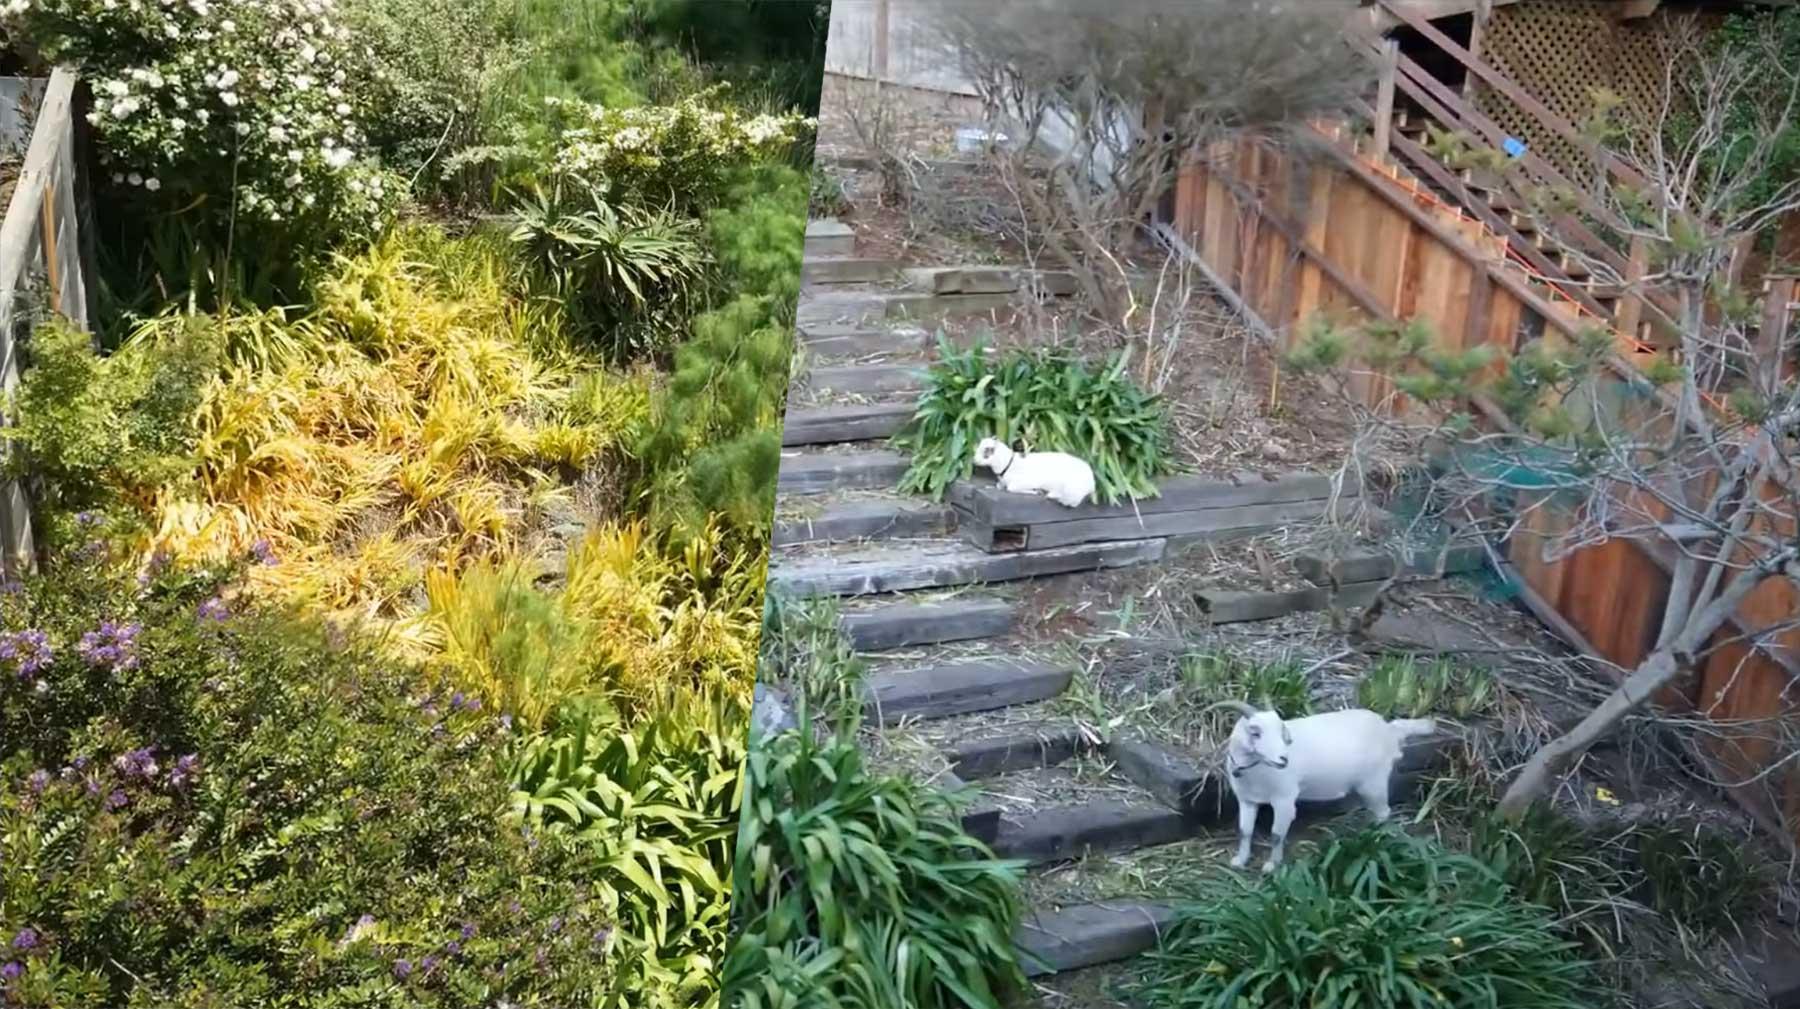 Timelapse-Video zeigt, wie Ziegen in 6 Tagen einen Garten wegfuttern